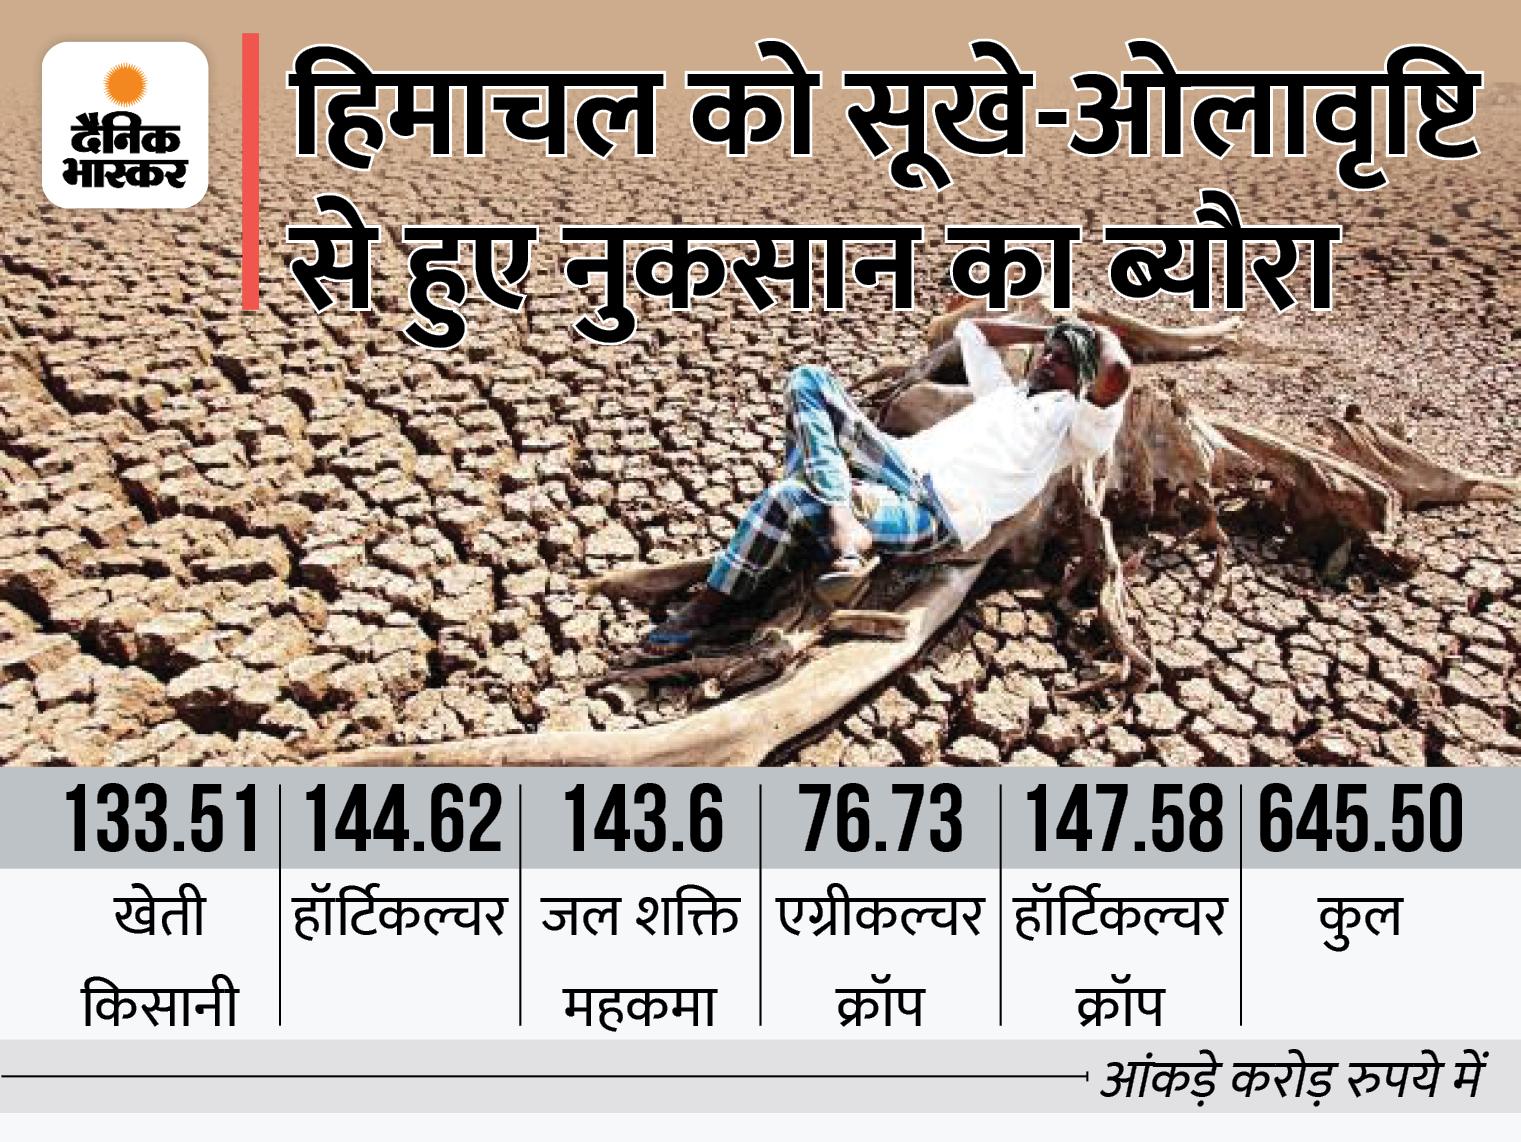 केंद्रीय कृषि मंत्रालय ने आपत्तियां जताते हुए लौटाई फाइल, लेकिन दोबारा भेजी जाएगी; राज्य को 645.50 करोड़ की हानि हुई है|शिमला,Shimla - Dainik Bhaskar